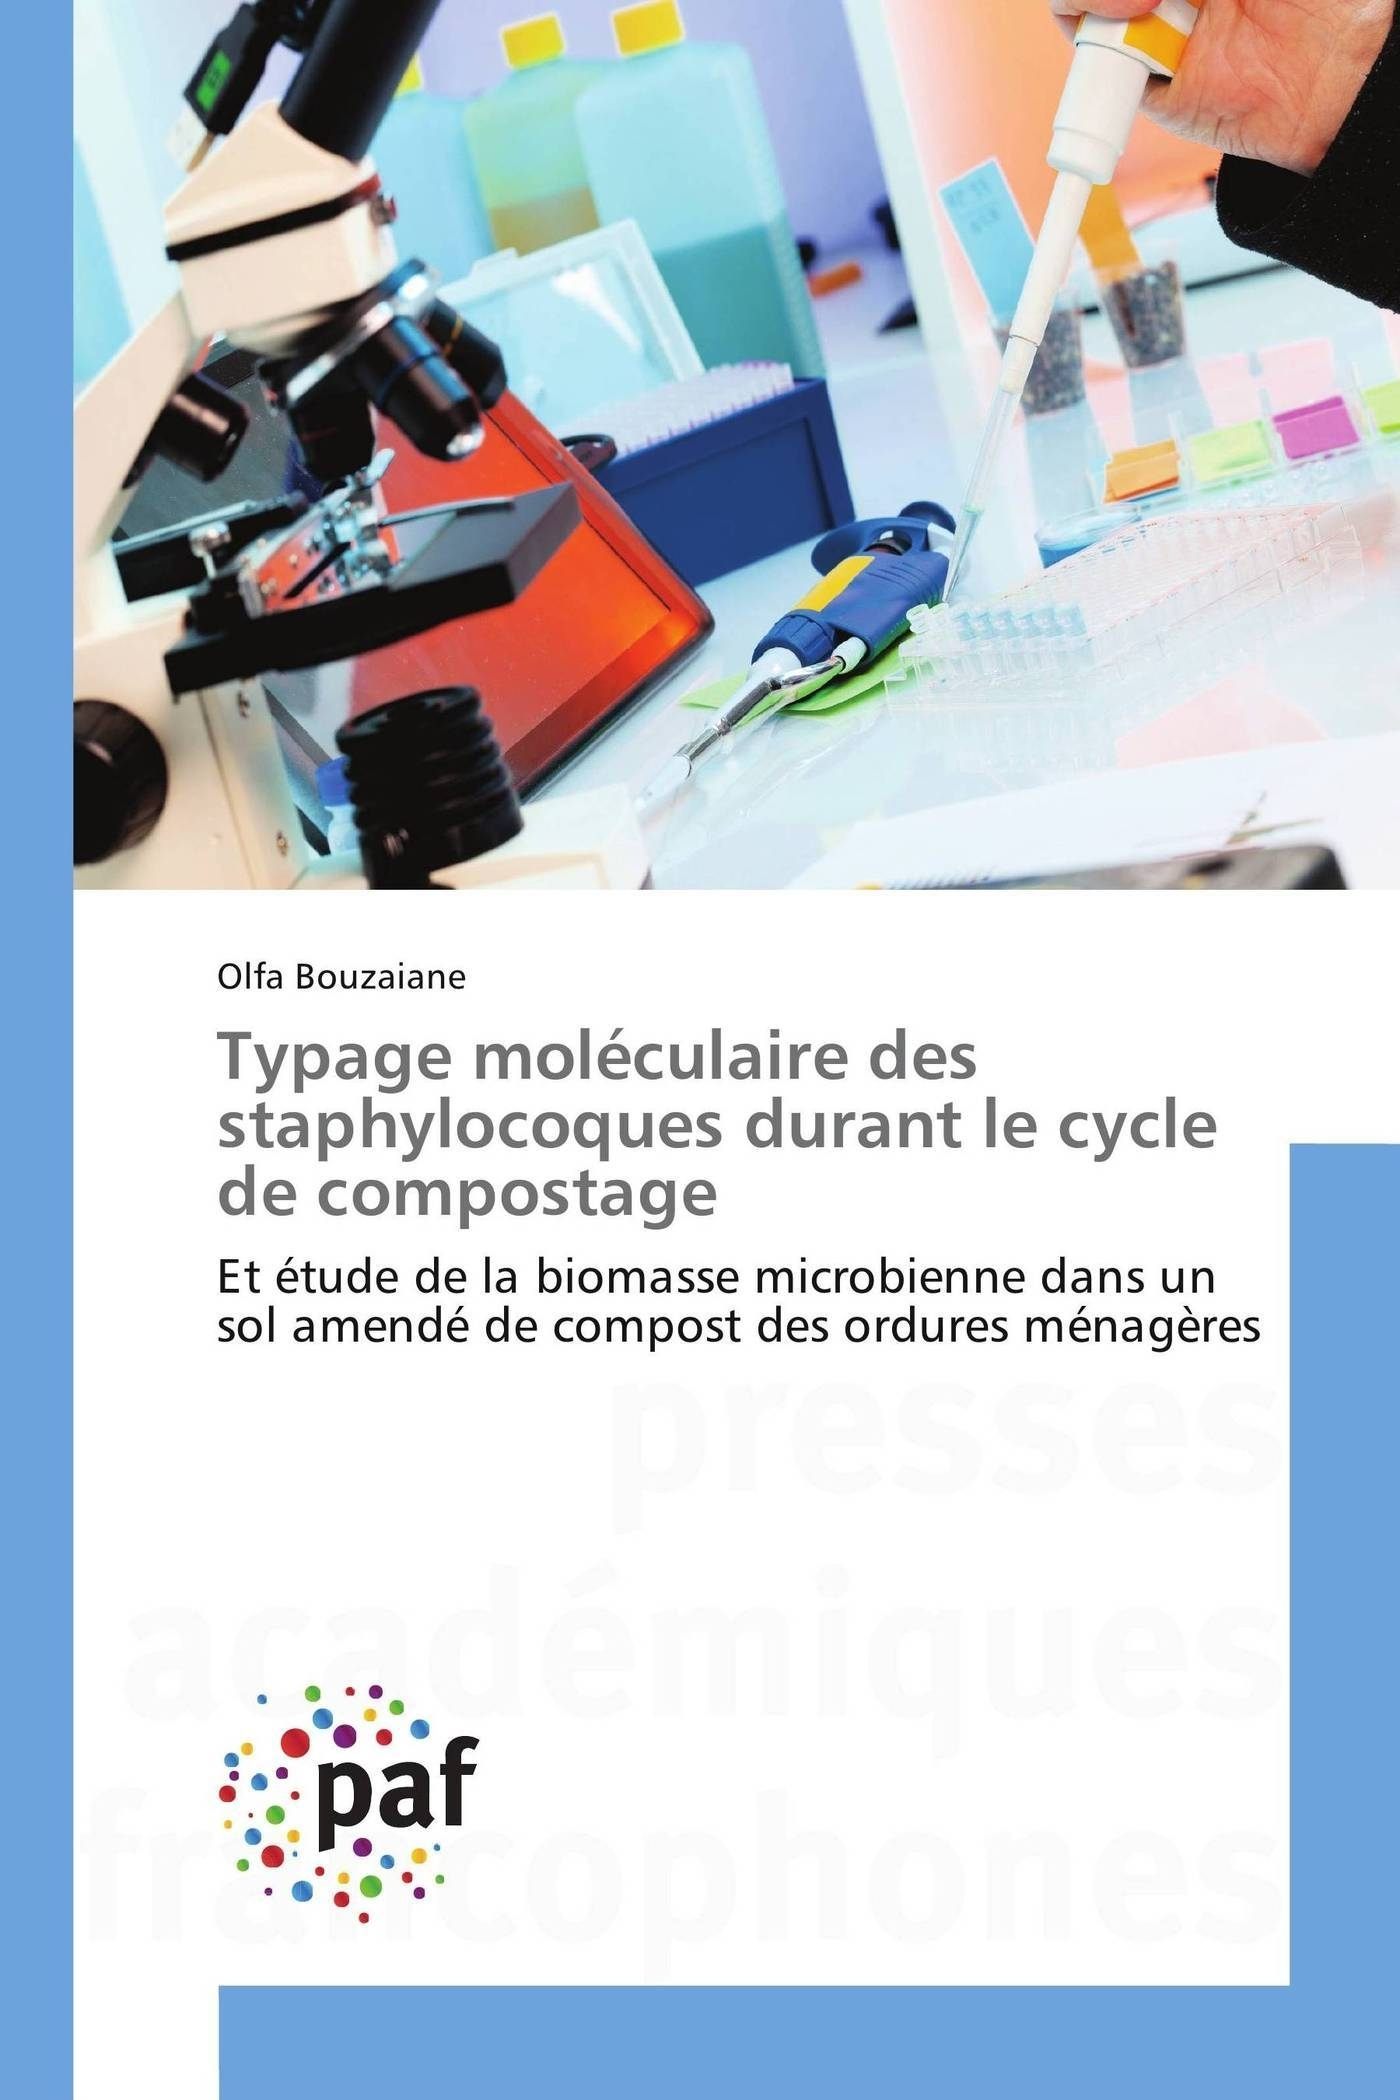 TYPAGE MOLECULAIRE DES STAPHYLOCOQUES DURANT LE CYCLE DE COMPOSTAGE